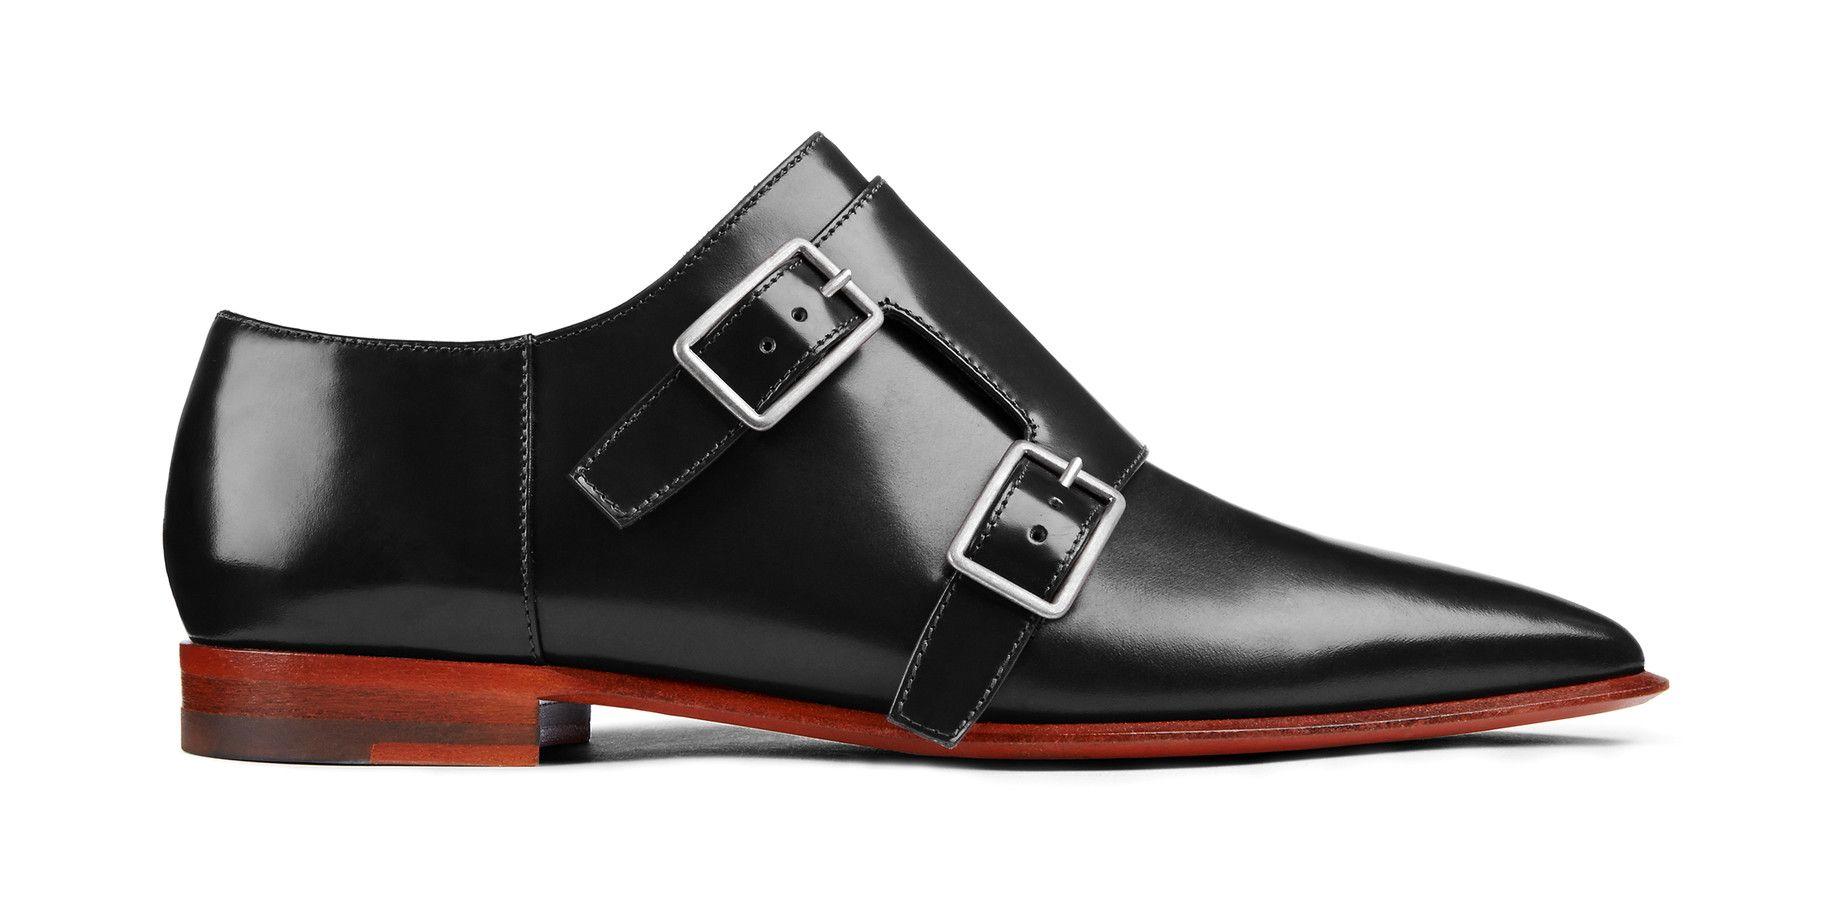 Acne Studios Masca black Monk strap shoes   Shoes   Shoes, Flats ... 8eb79a37046